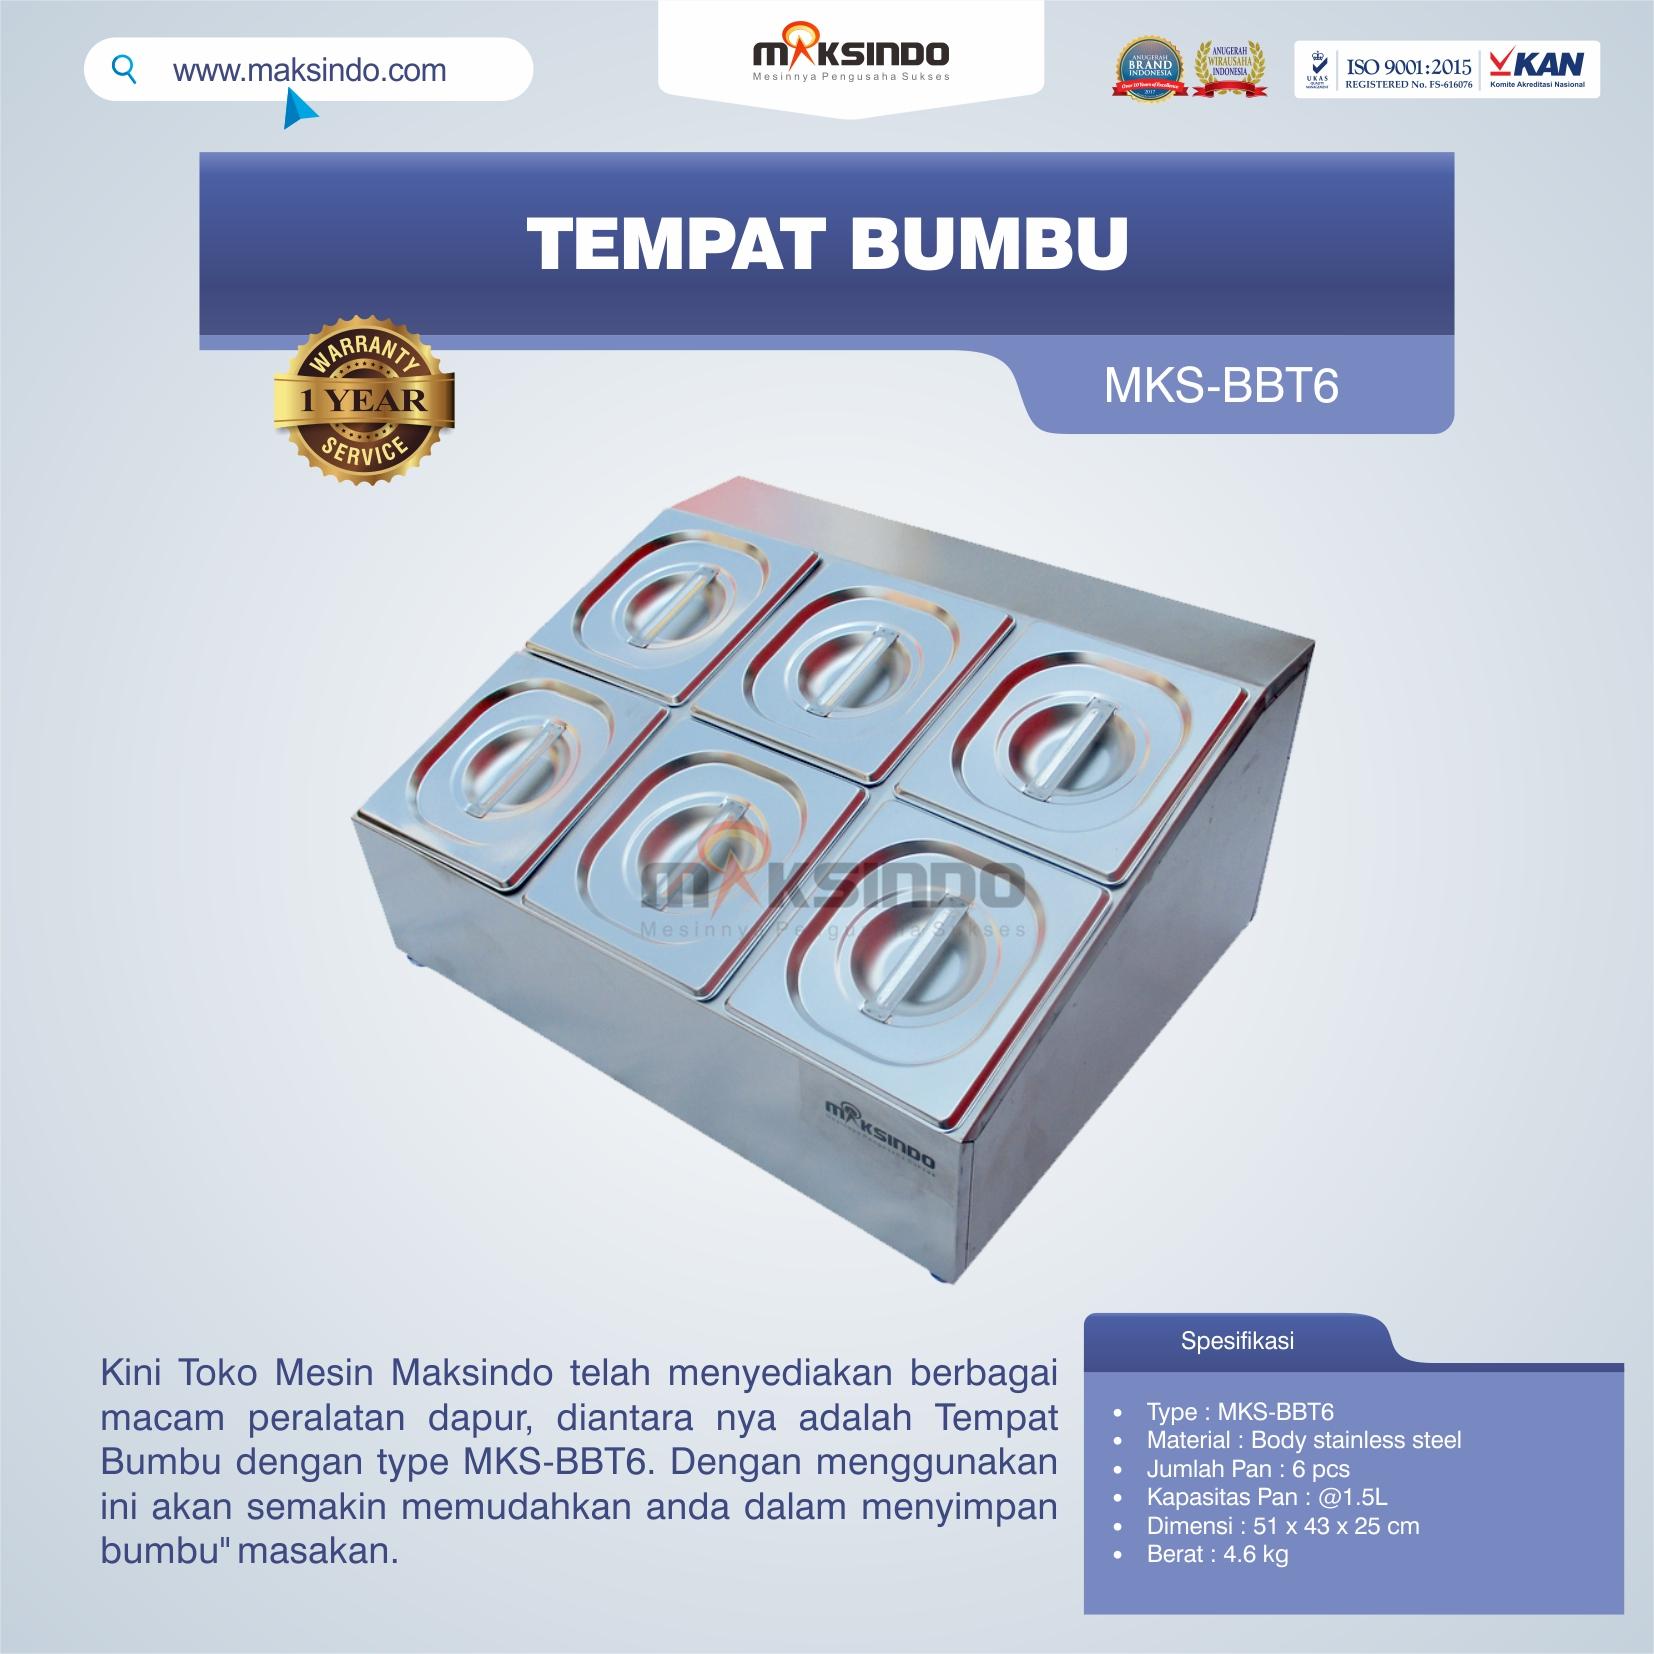 Jual Tempat Bumbu MKS-BBT6 di Yogyakarta